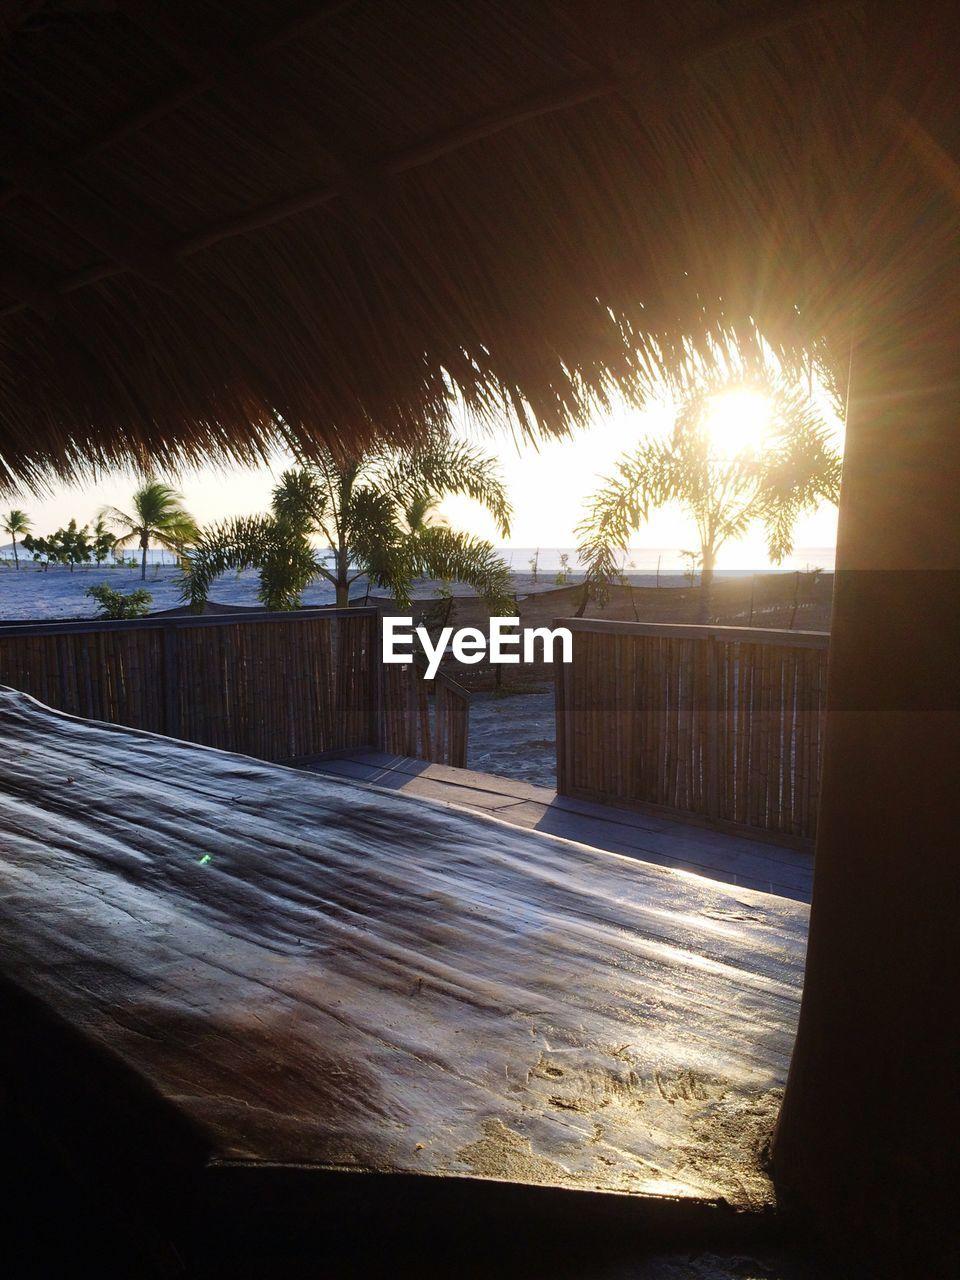 Trees On Beach Against Bright Sun Seen Through Hut